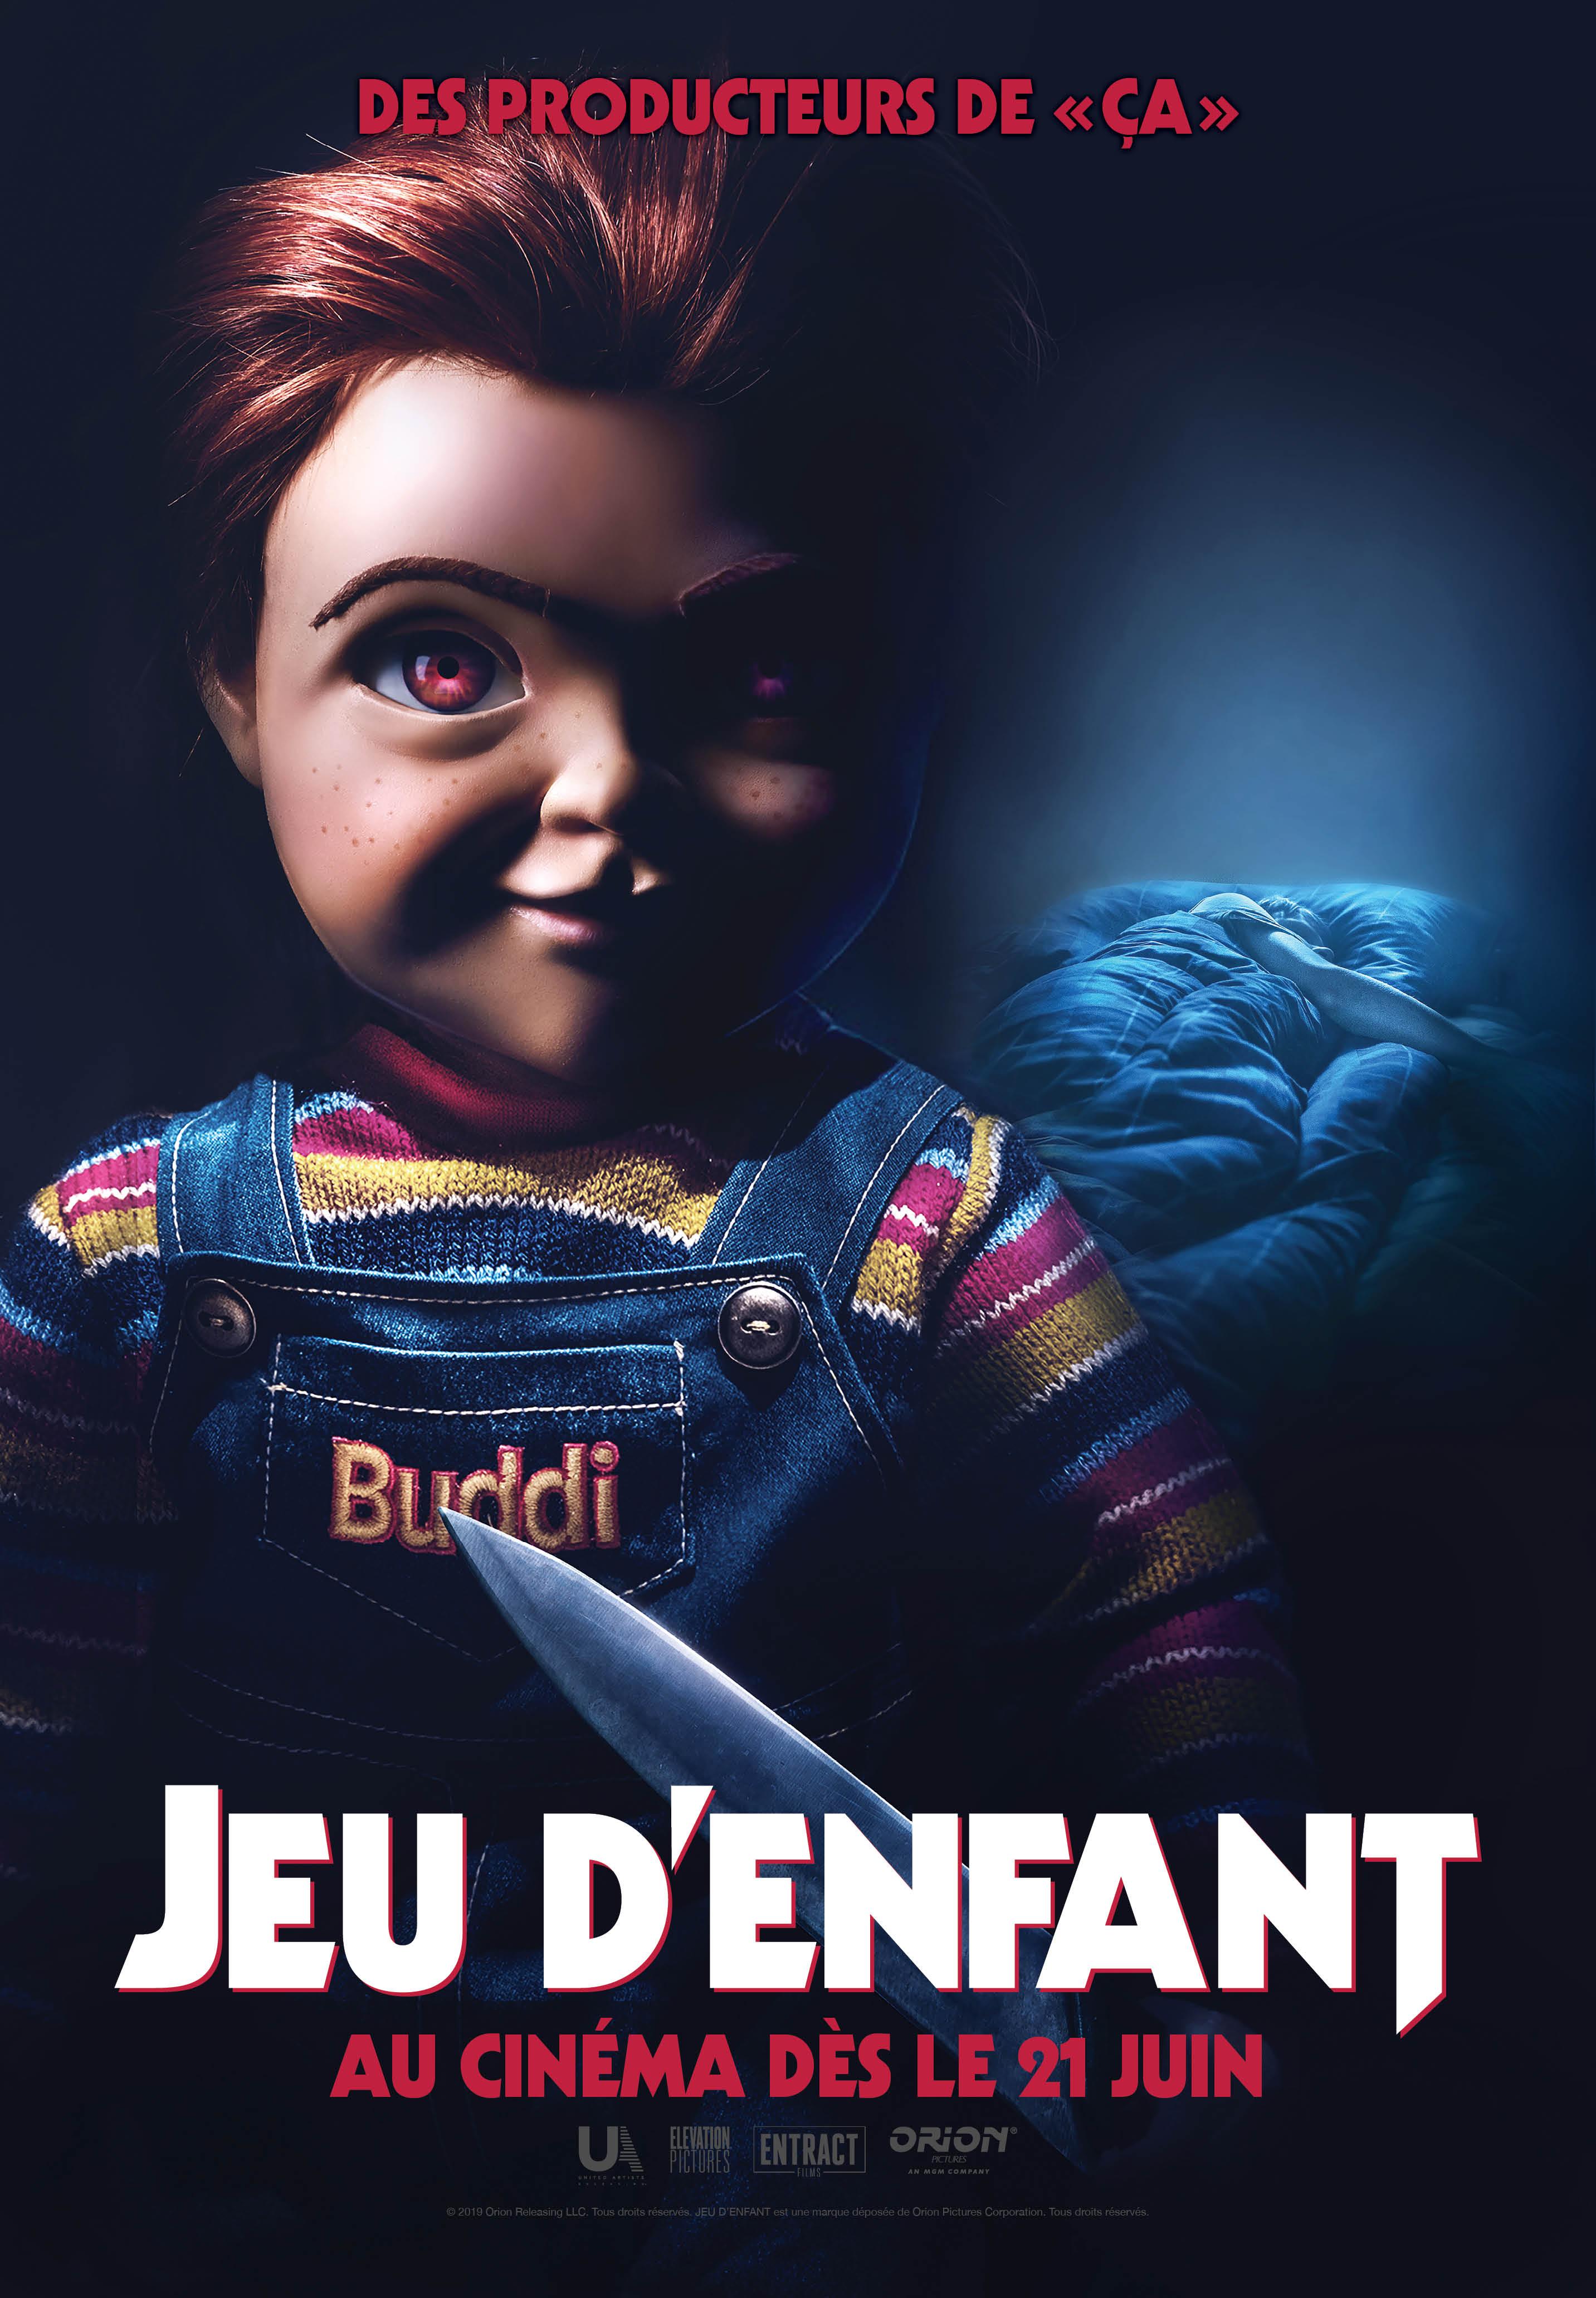 JEU DENFANT Au cinema des le 21 juin